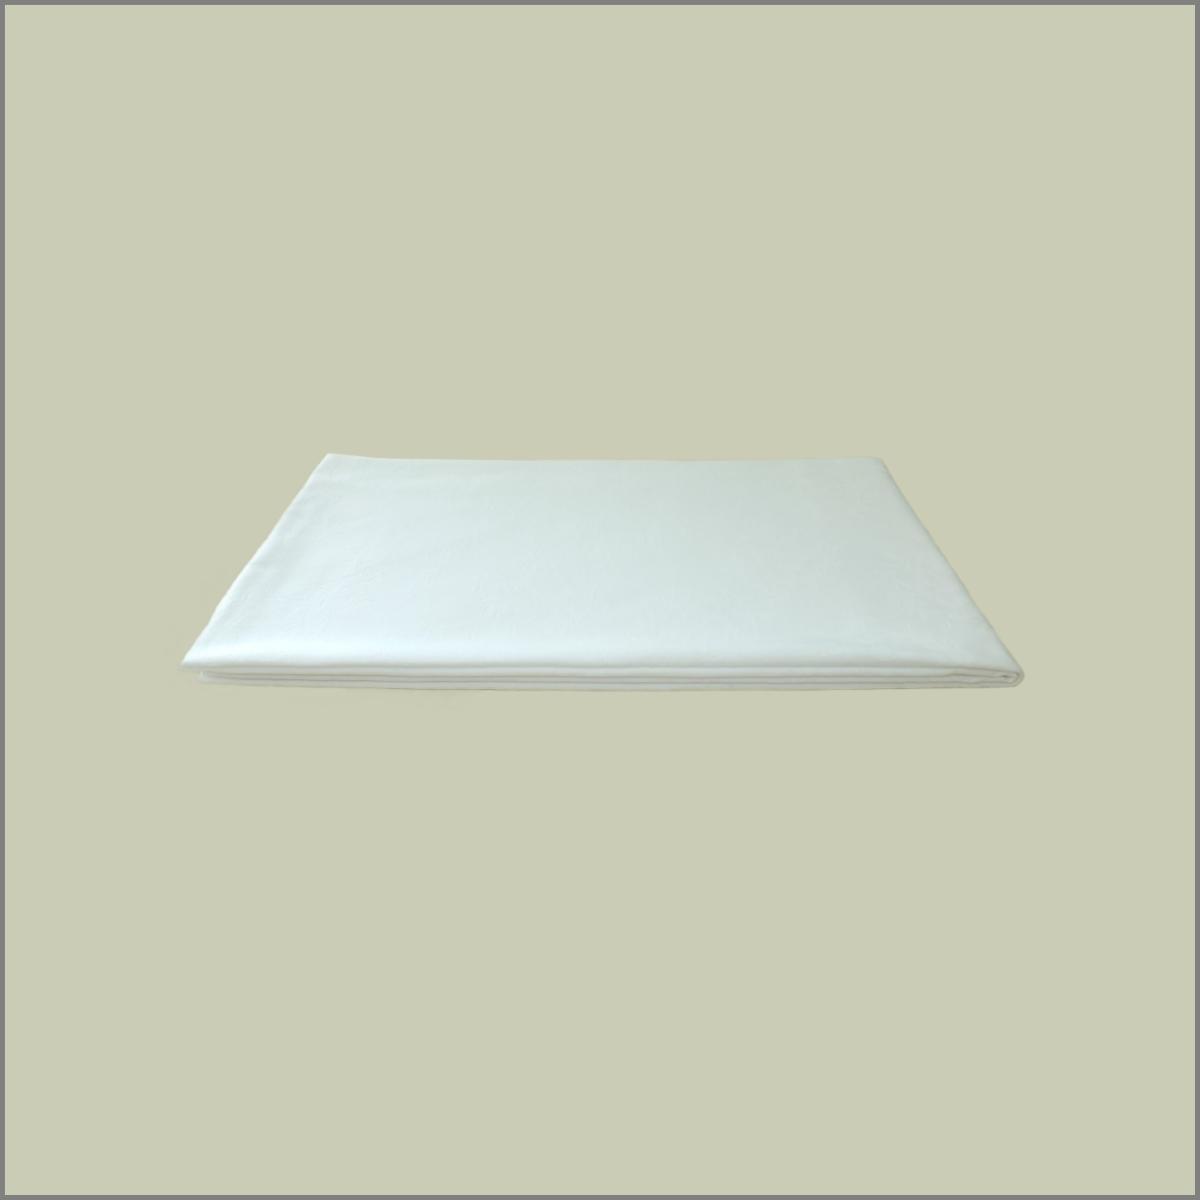 Nappe blanche pour table d152